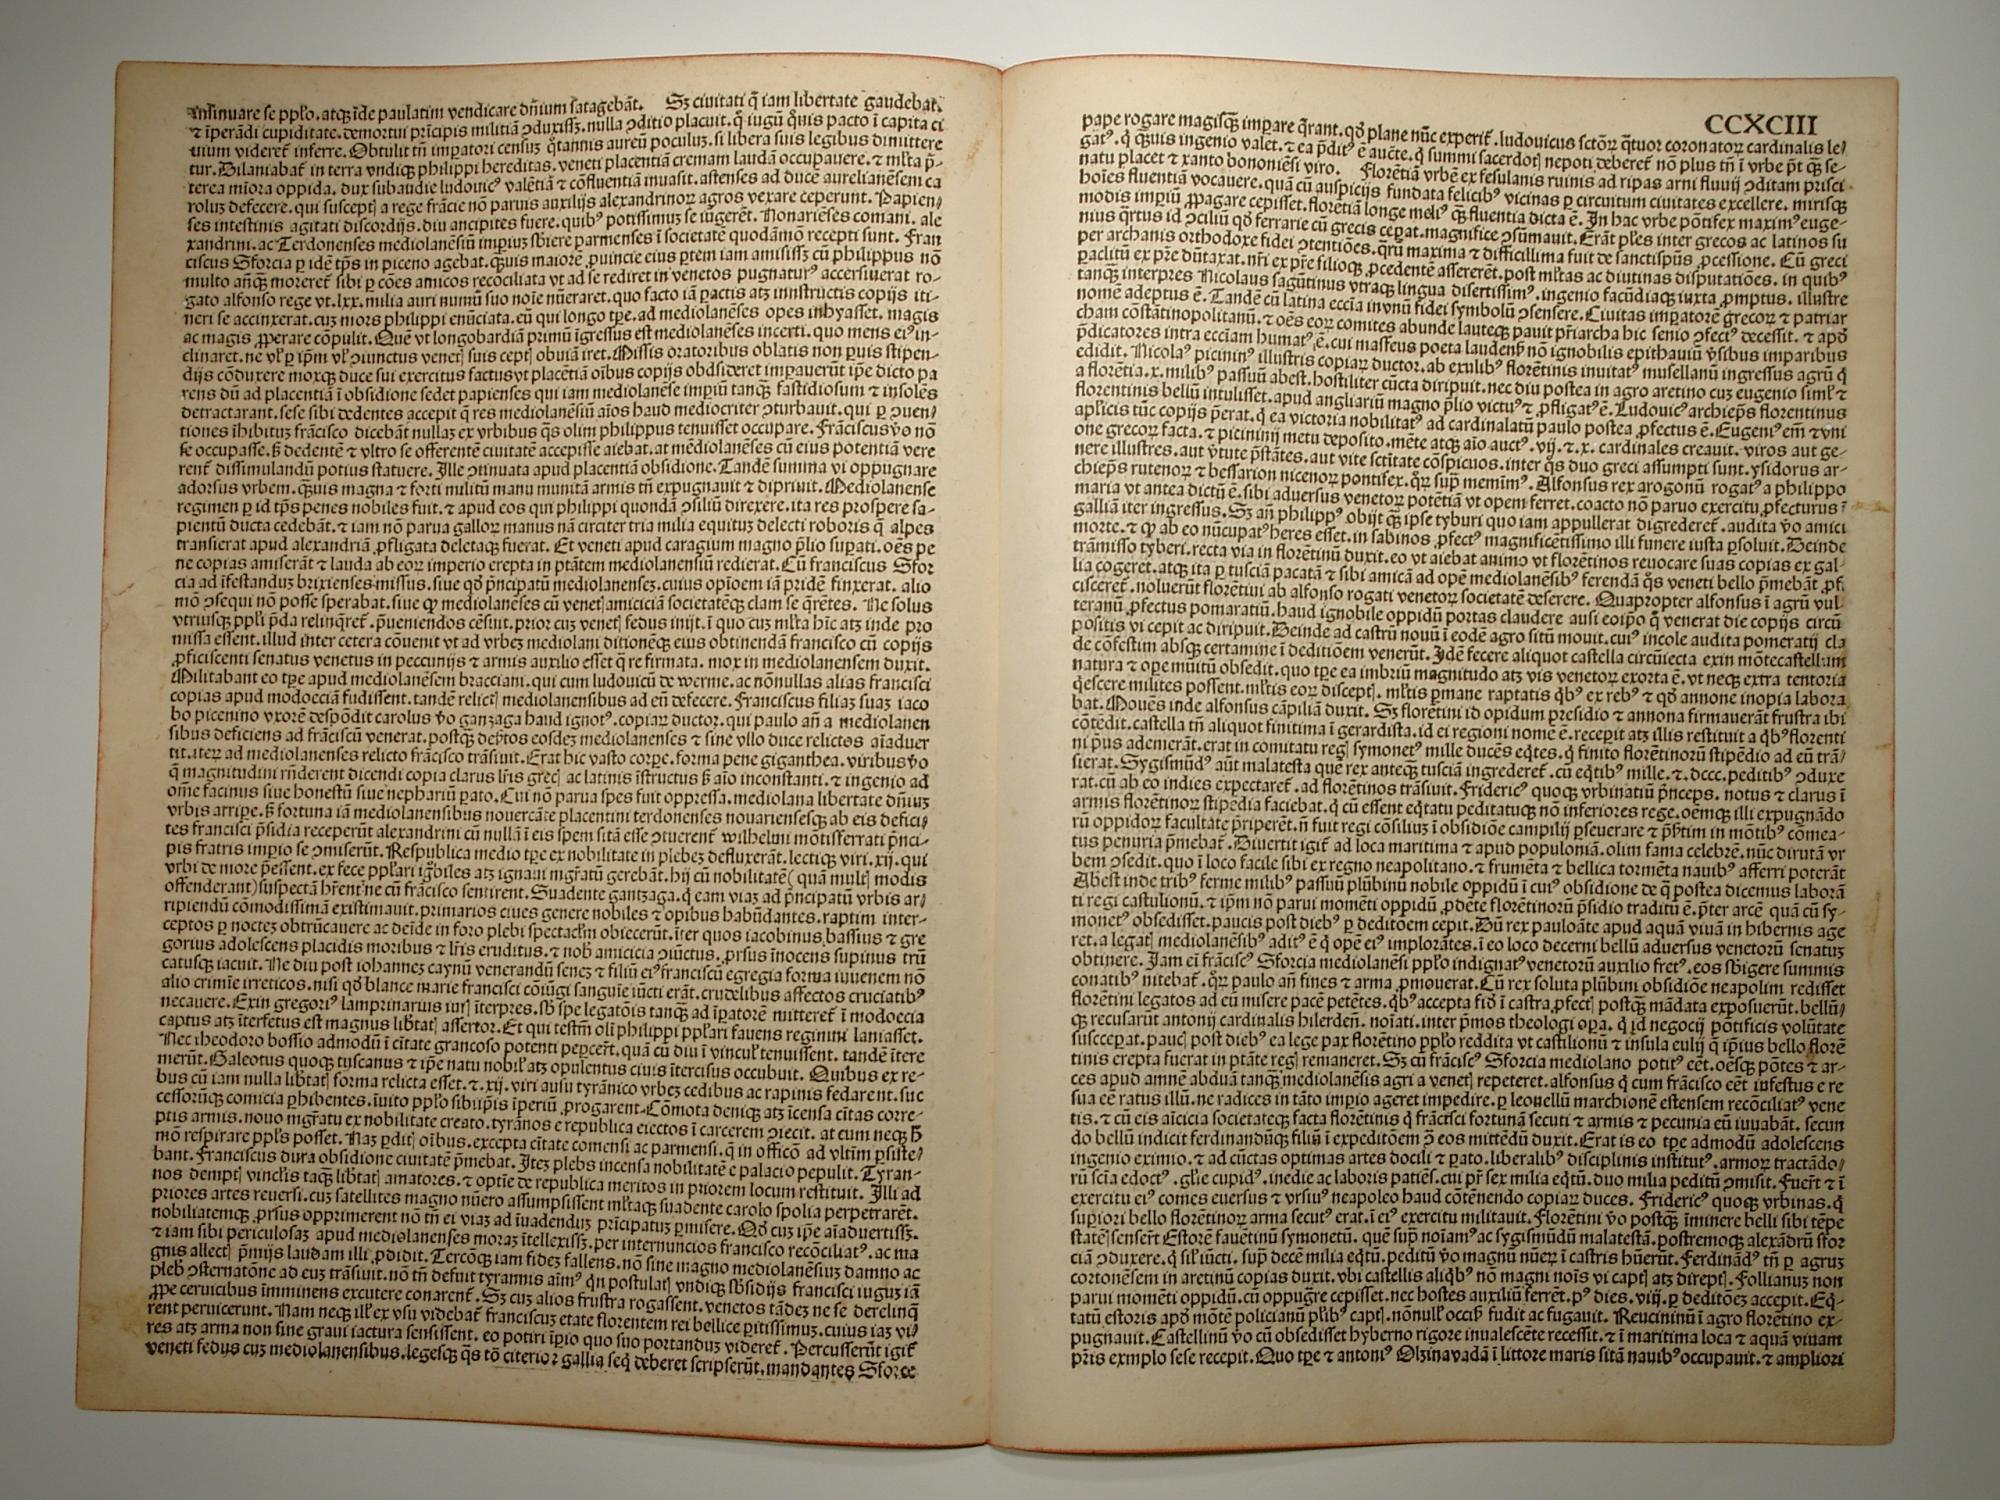 Liber chronicarum, Folium CCXCI und CCXCIII. (Holzschnitte: Hartmann Schedel: